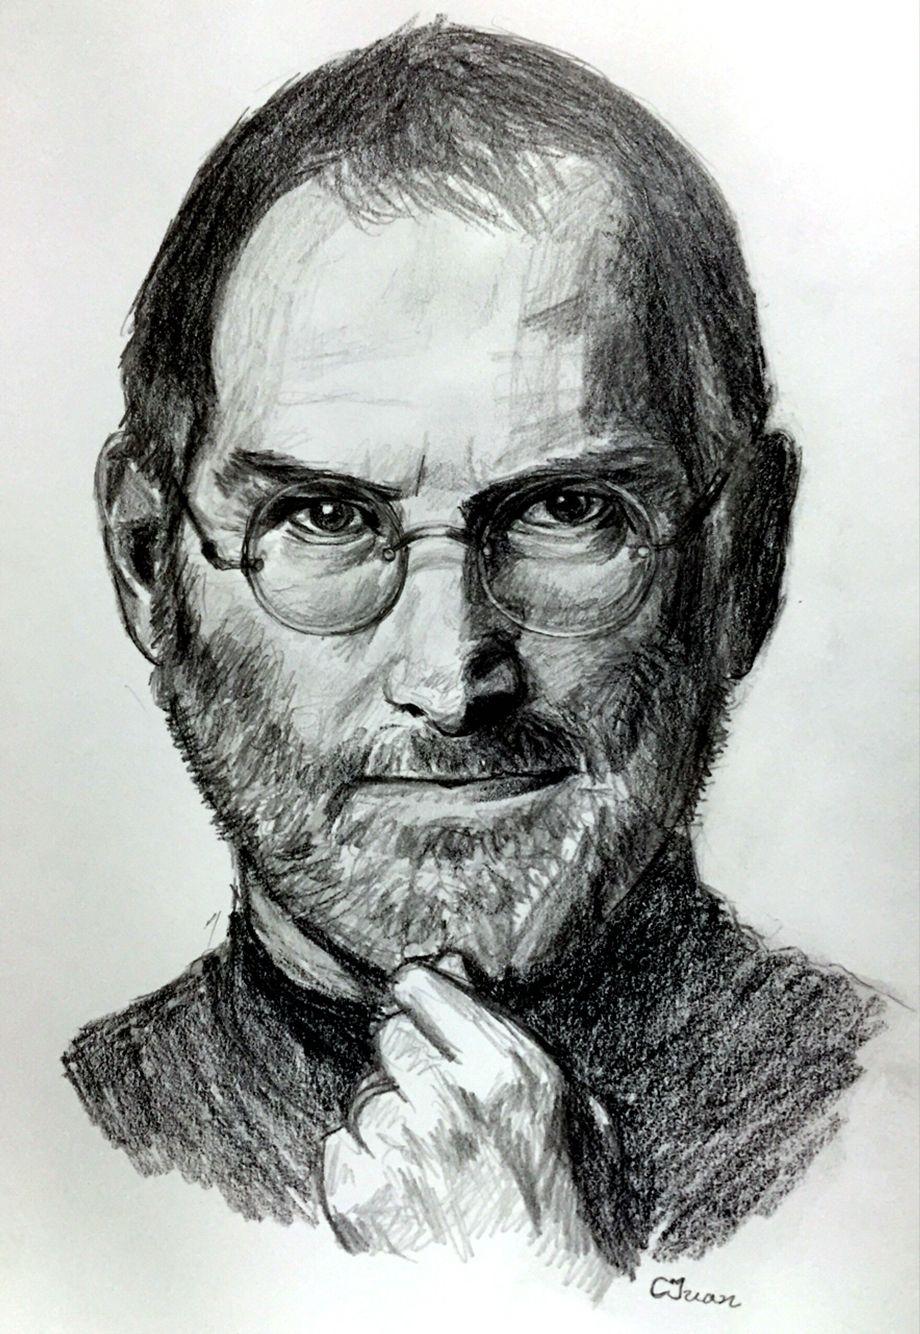 Steve Jobs Sketch Sketches Of People Sketches Steve